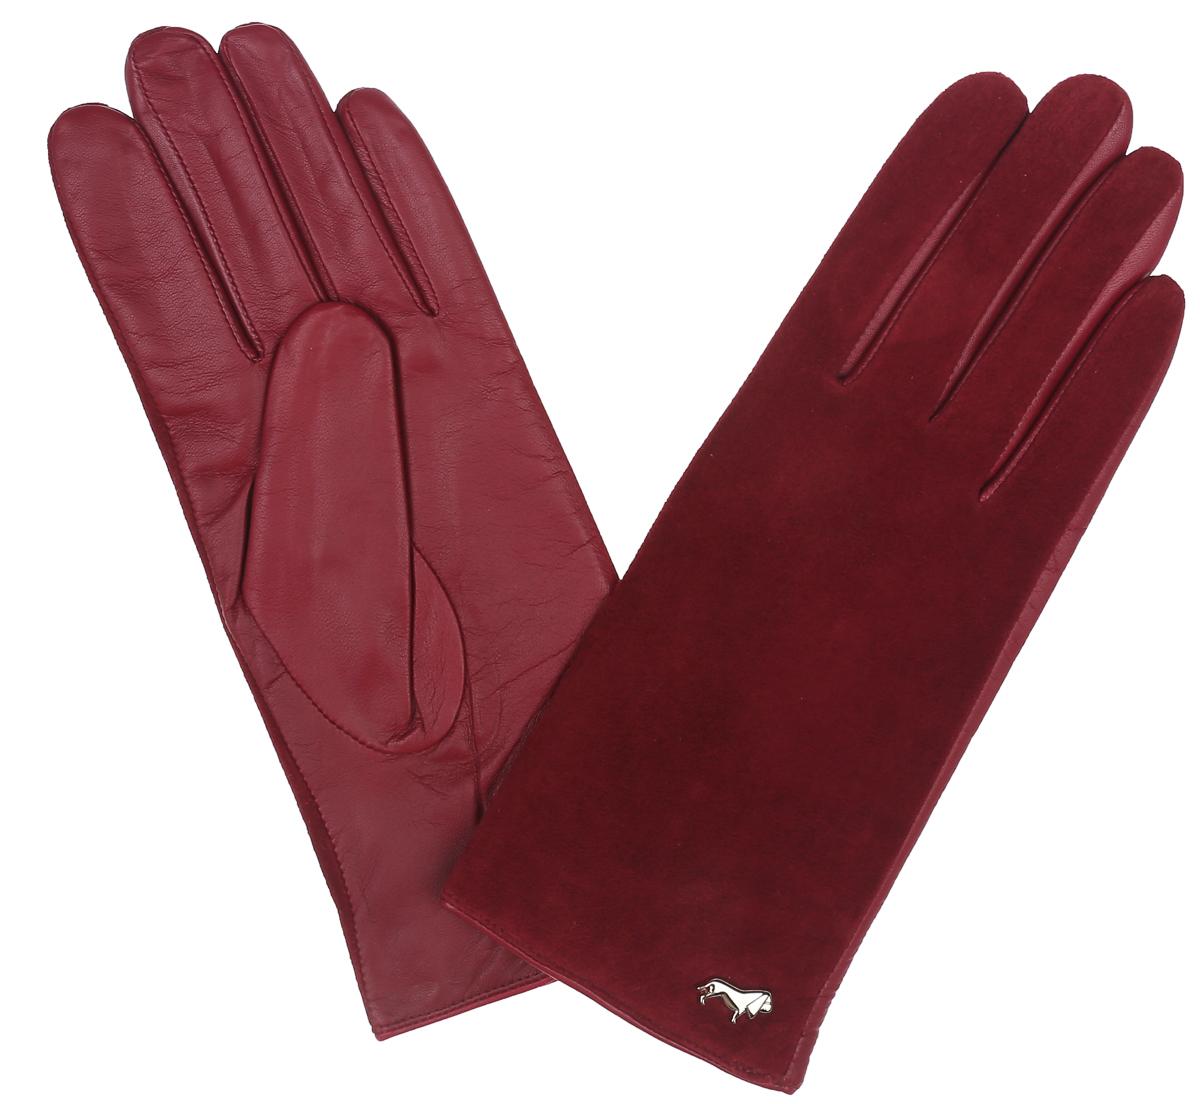 ПерчаткиLB-4707Классические женские перчатки Labbra не только защитят ваши руки, но и станут великолепным украшением. Тыльная сторона перчаток выполнена из замши, а на ладошках - из чрезвычайно мягкой и приятной на ощупь натуральной кожи ягненка, а их подкладка - из натуральной шерсти с добавлением акрила. Внешняя сторона оформлена фирменным логотипом в виде собачки. Качественная отделка кожи ягненка делает эту модель не только красивой, но и долговечной. В настоящее время перчатки являются неотъемлемой принадлежностью одежды, вместе с этим аксессуаром вы обретаете женственность и элегантность. Перчатки станут завершающим и подчеркивающим элементом вашего стиля и неповторимости.